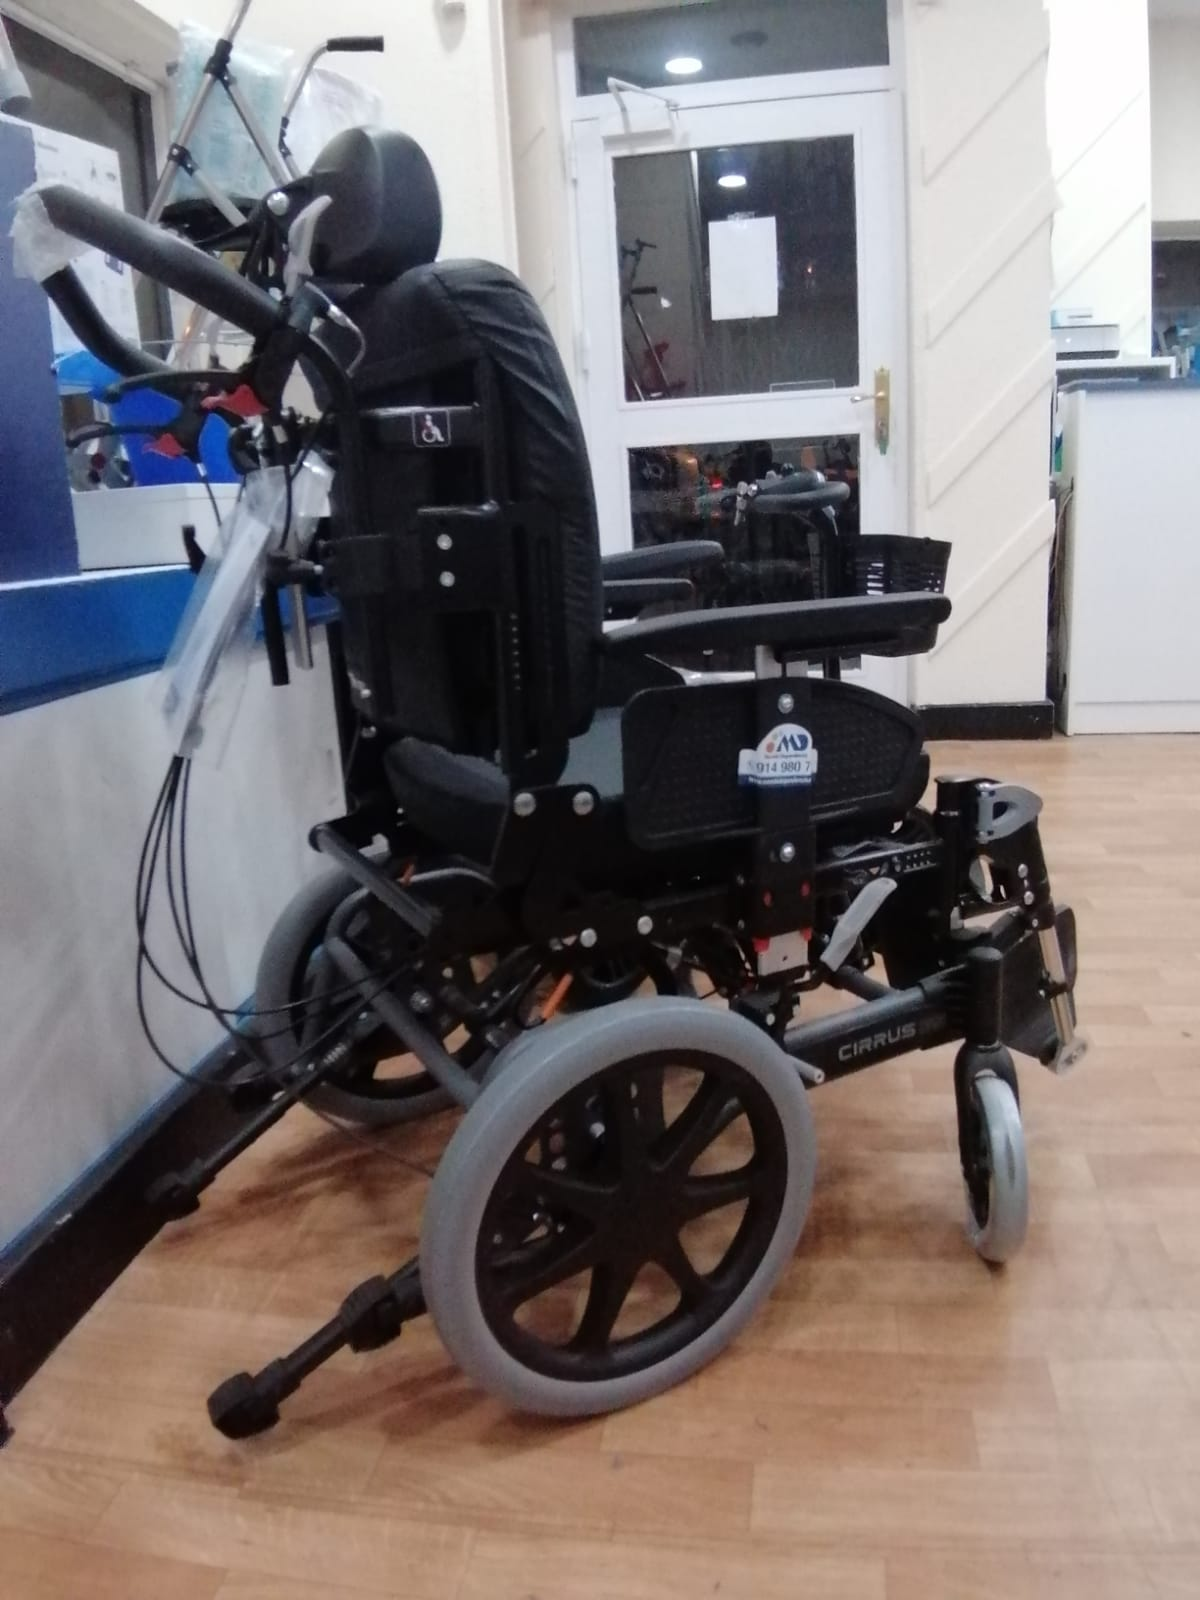 Tiendas donde comprar sillas de ruedas basculantes BARATAS